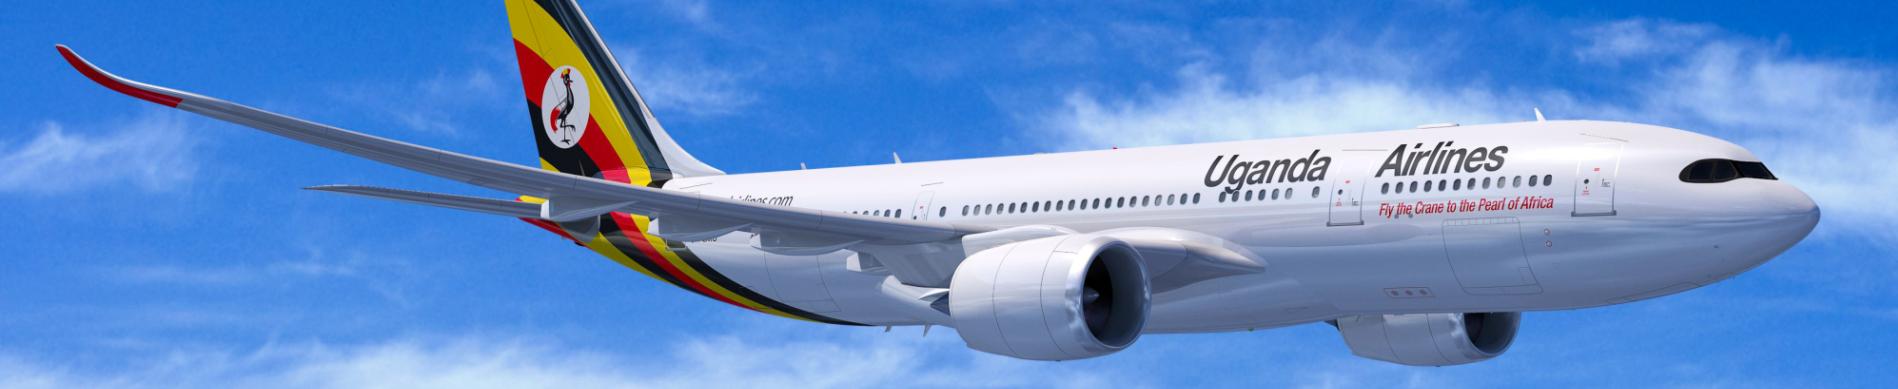 乌干达为其计划中的国际航空公司勾画宏伟蓝图